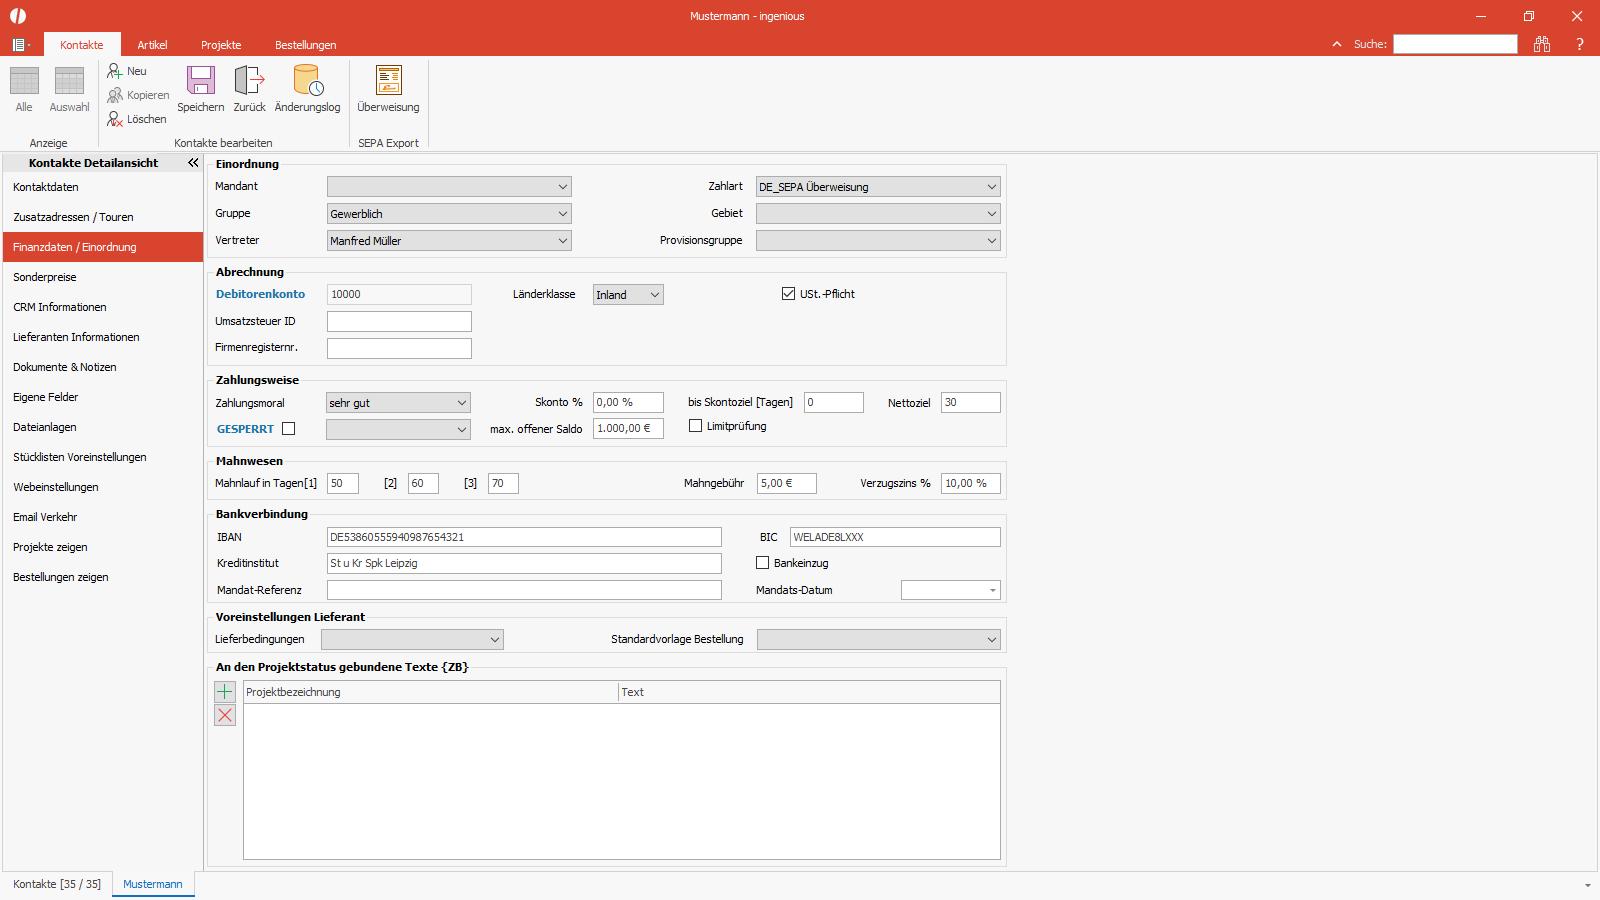 Ingenious Software Kontakte Detailansicht Finanzdaten